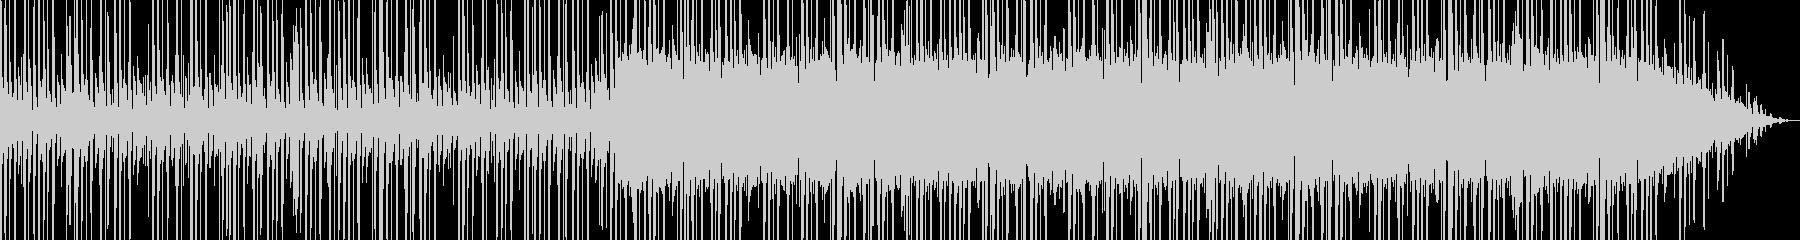 ブラックミュージックの未再生の波形